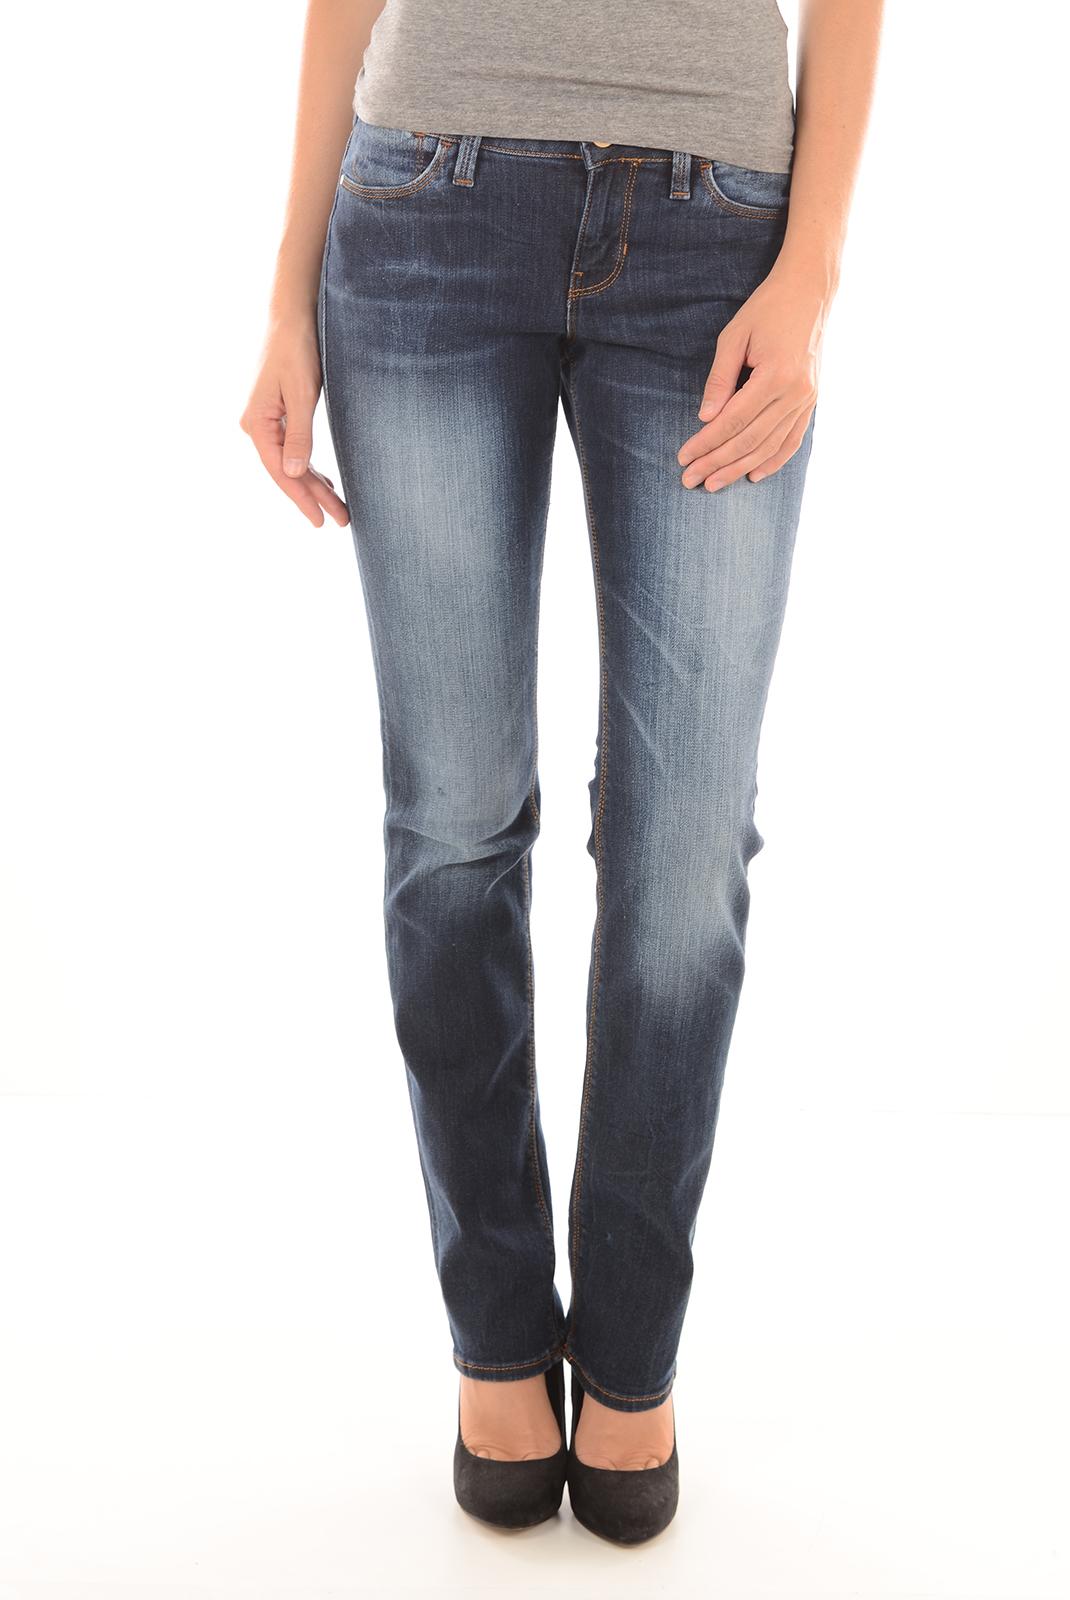 Jeans   Guess jeans W62039D24J0-CITW Cigarette Mid  BLEU